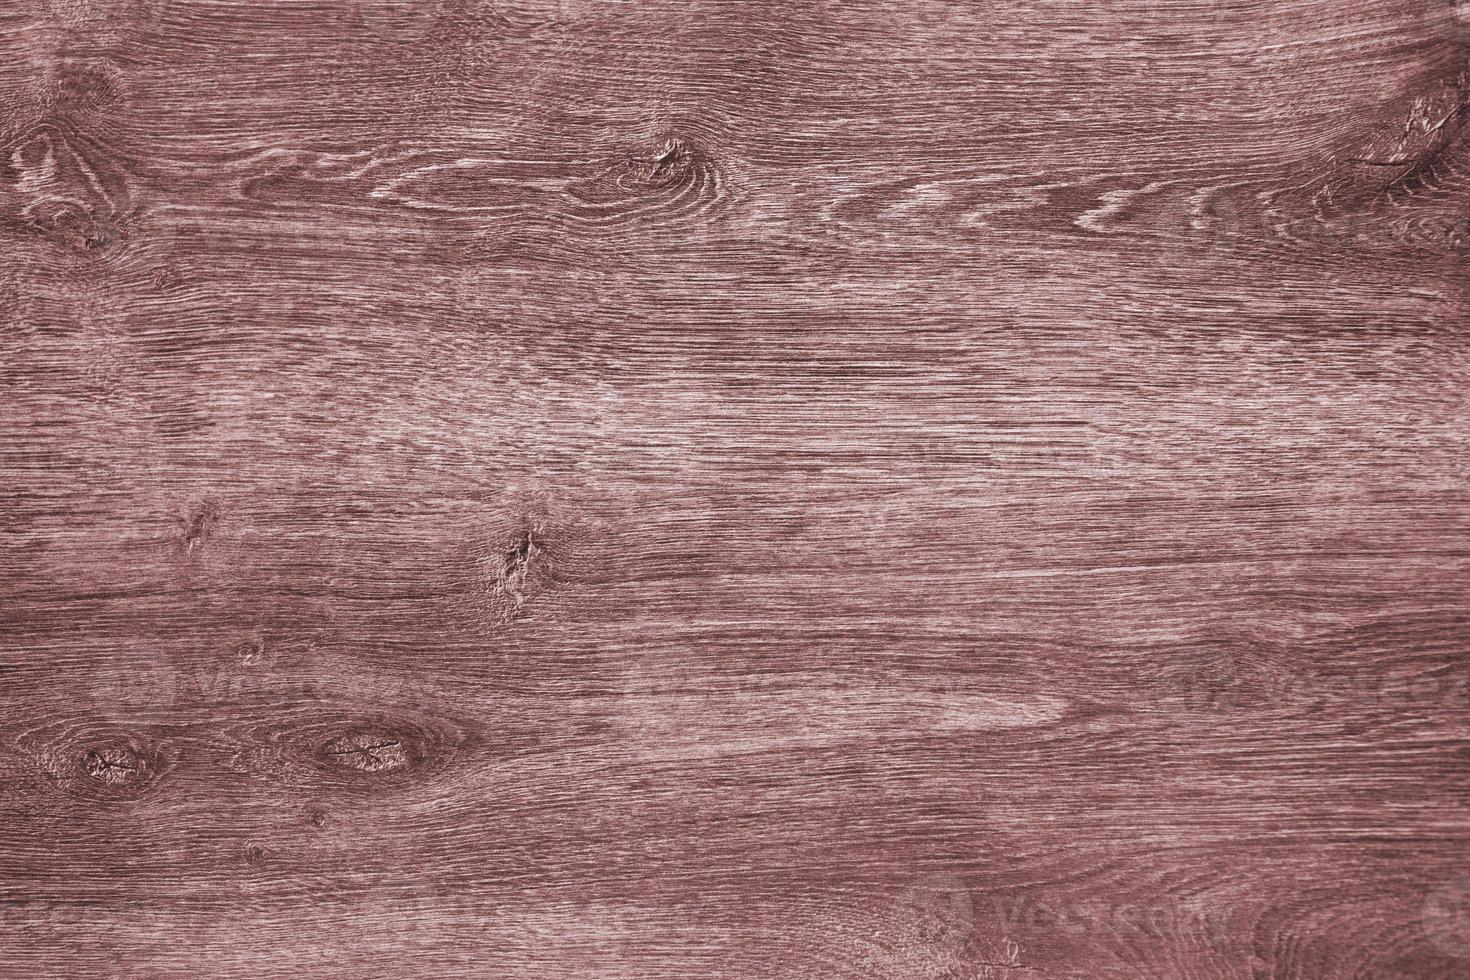 houten paneel voor achtergrond foto